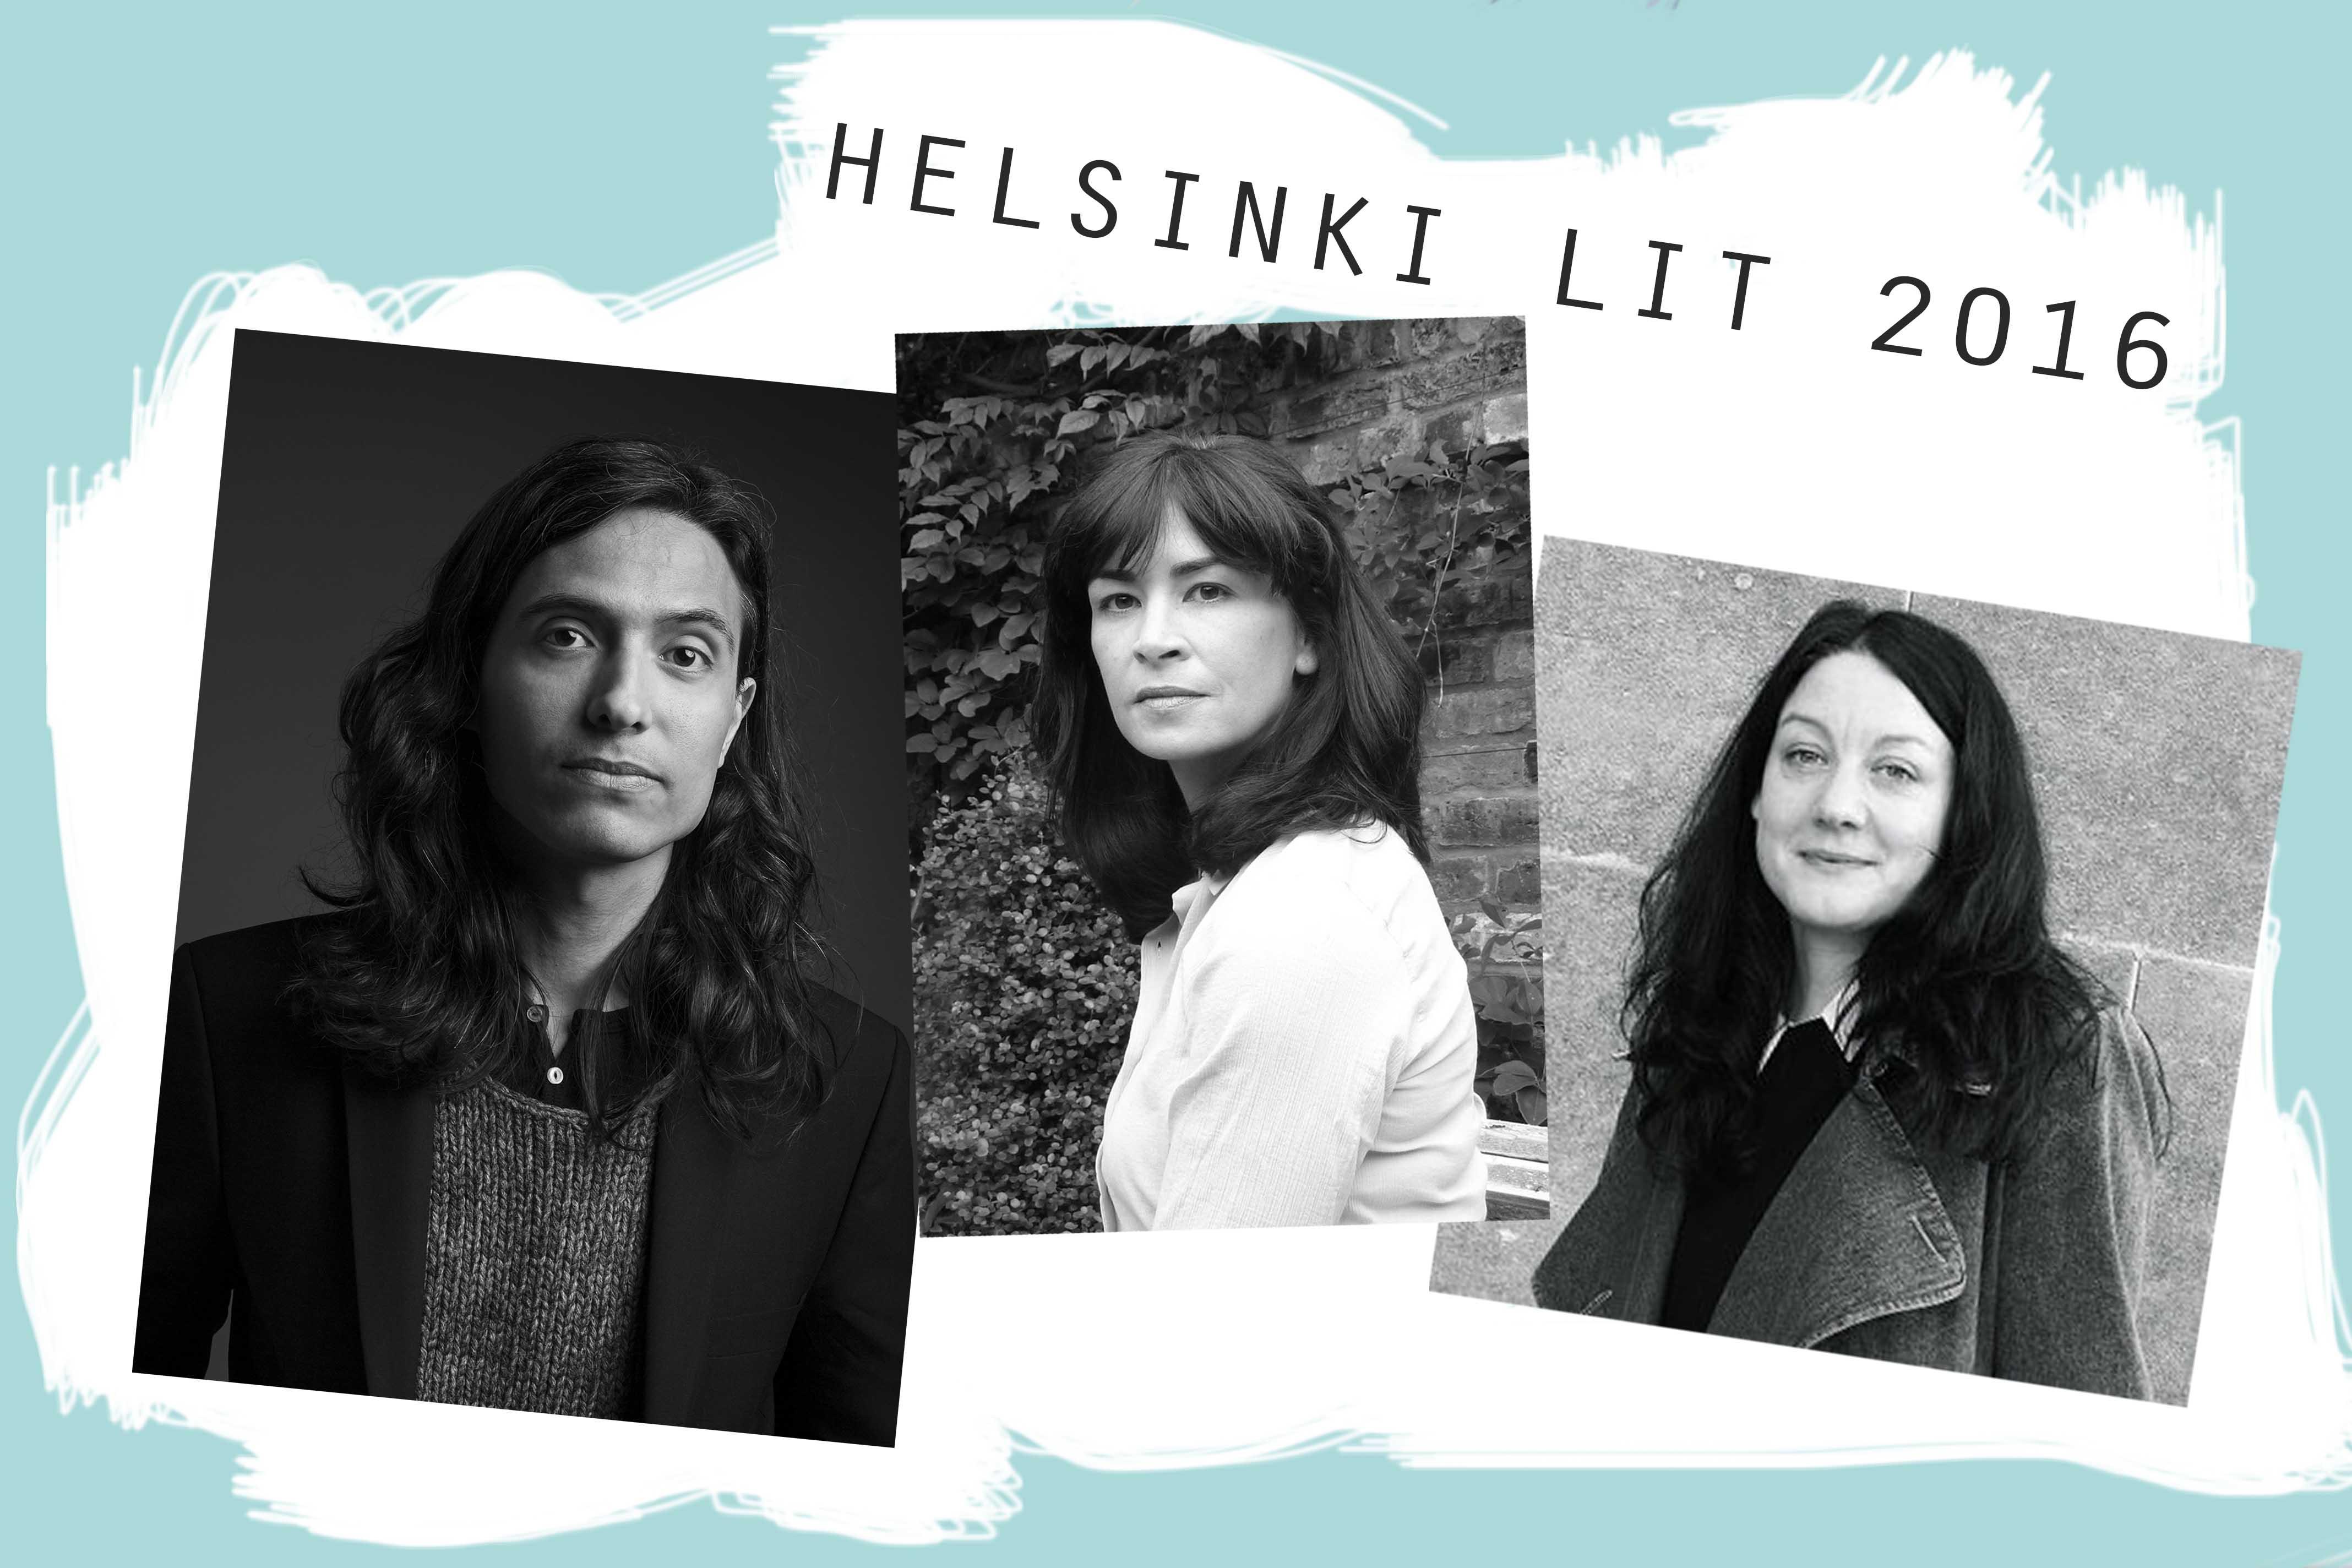 Helsinki Lit palaa toukokuussa